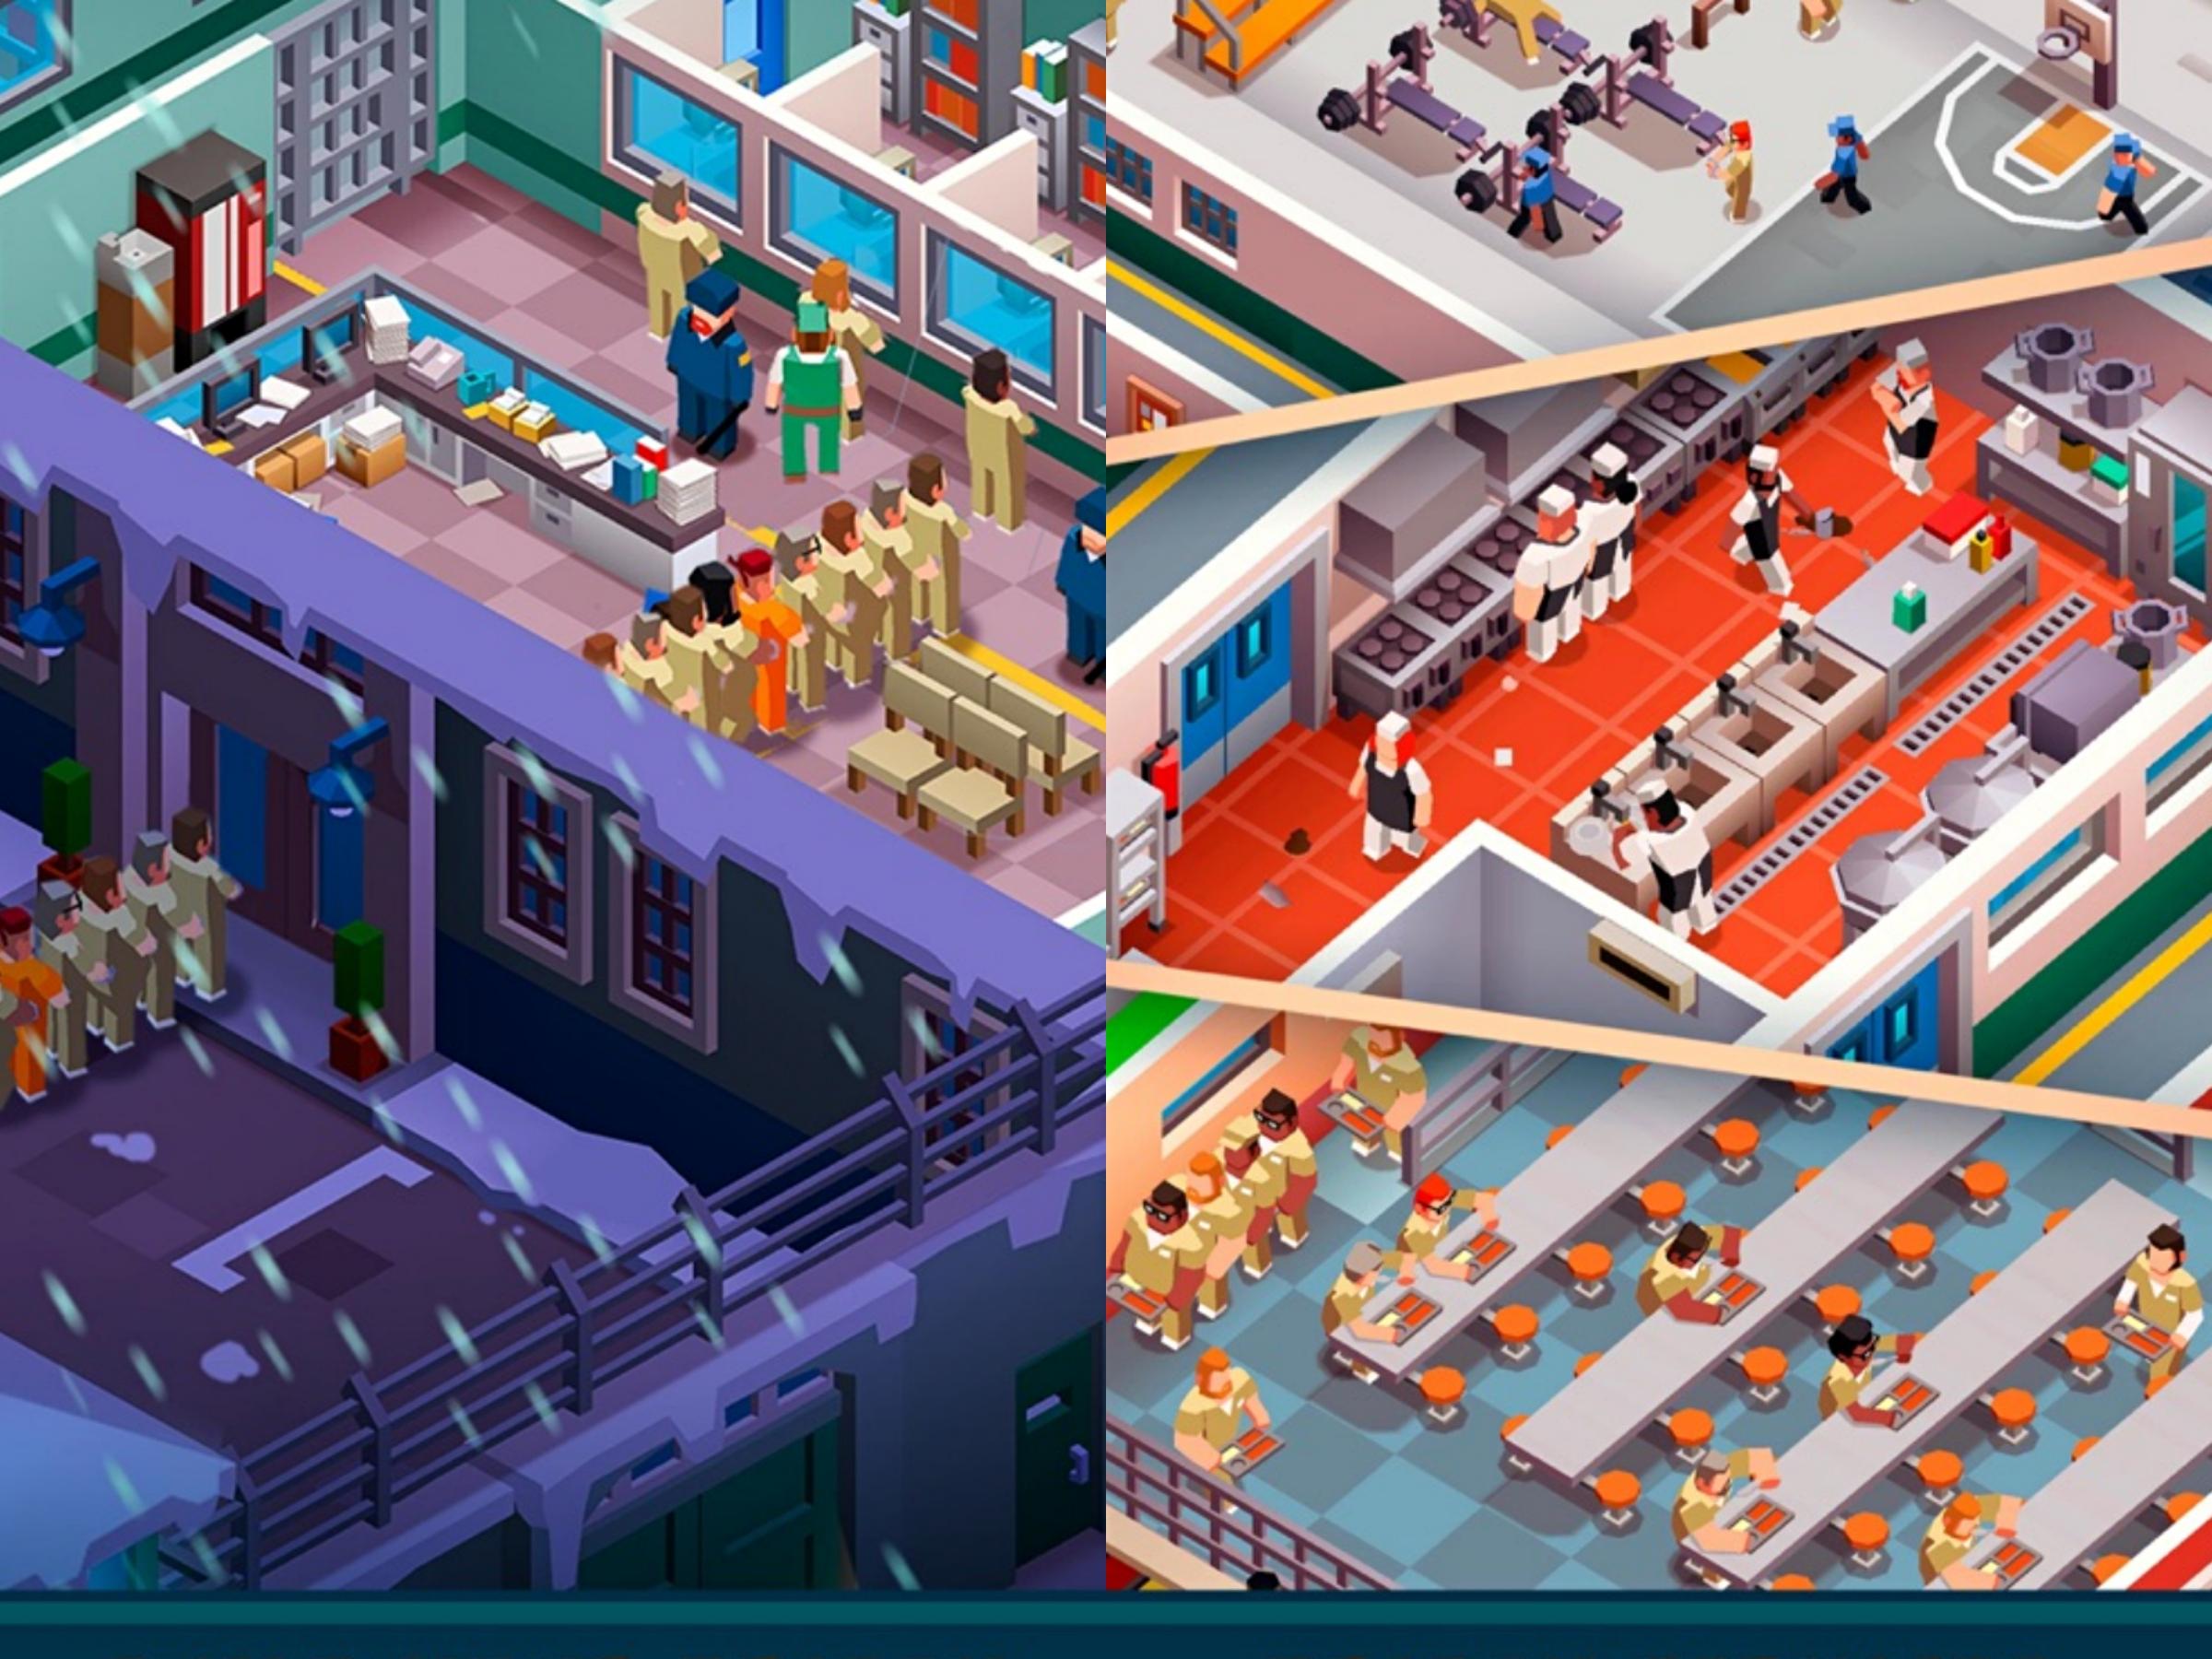 跻身美国iOS免费榜,老外的这两款放置手游啥套路?